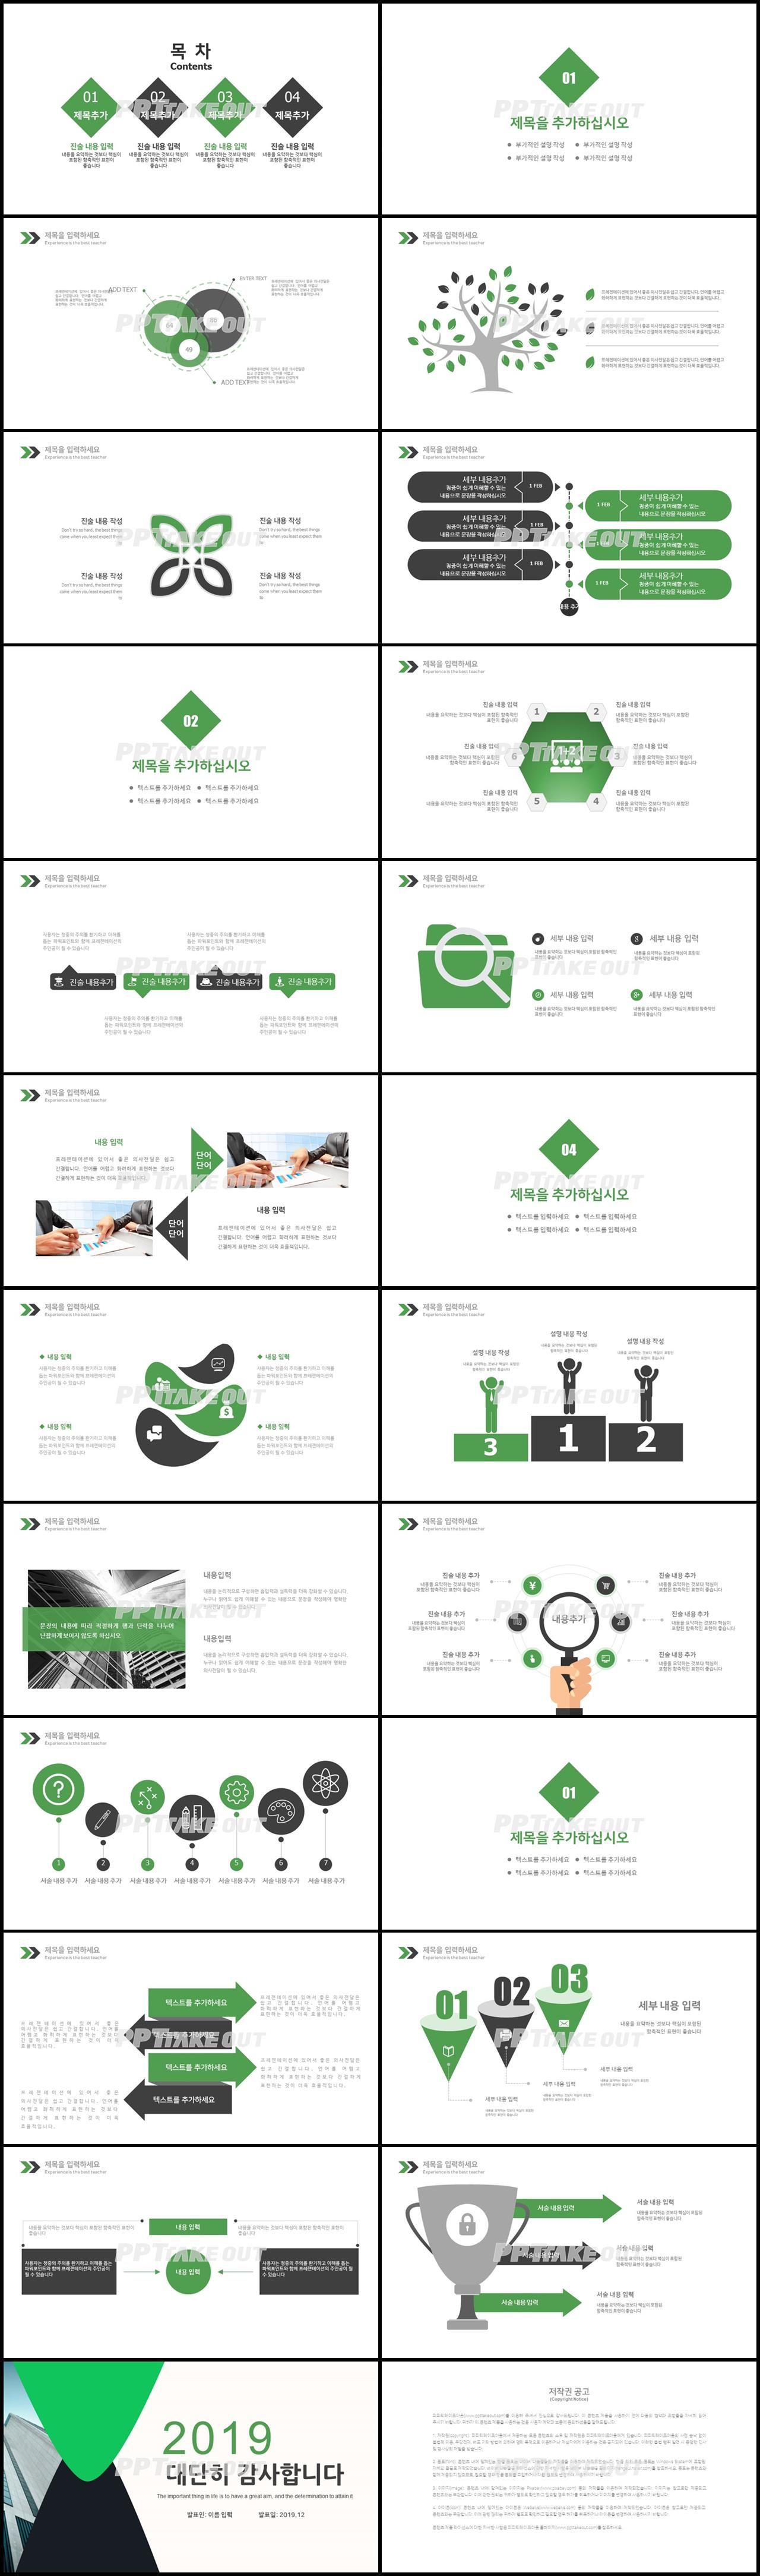 비즈니스 초록색 단조로운 멋진 POWERPOINT양식 다운로드 상세보기